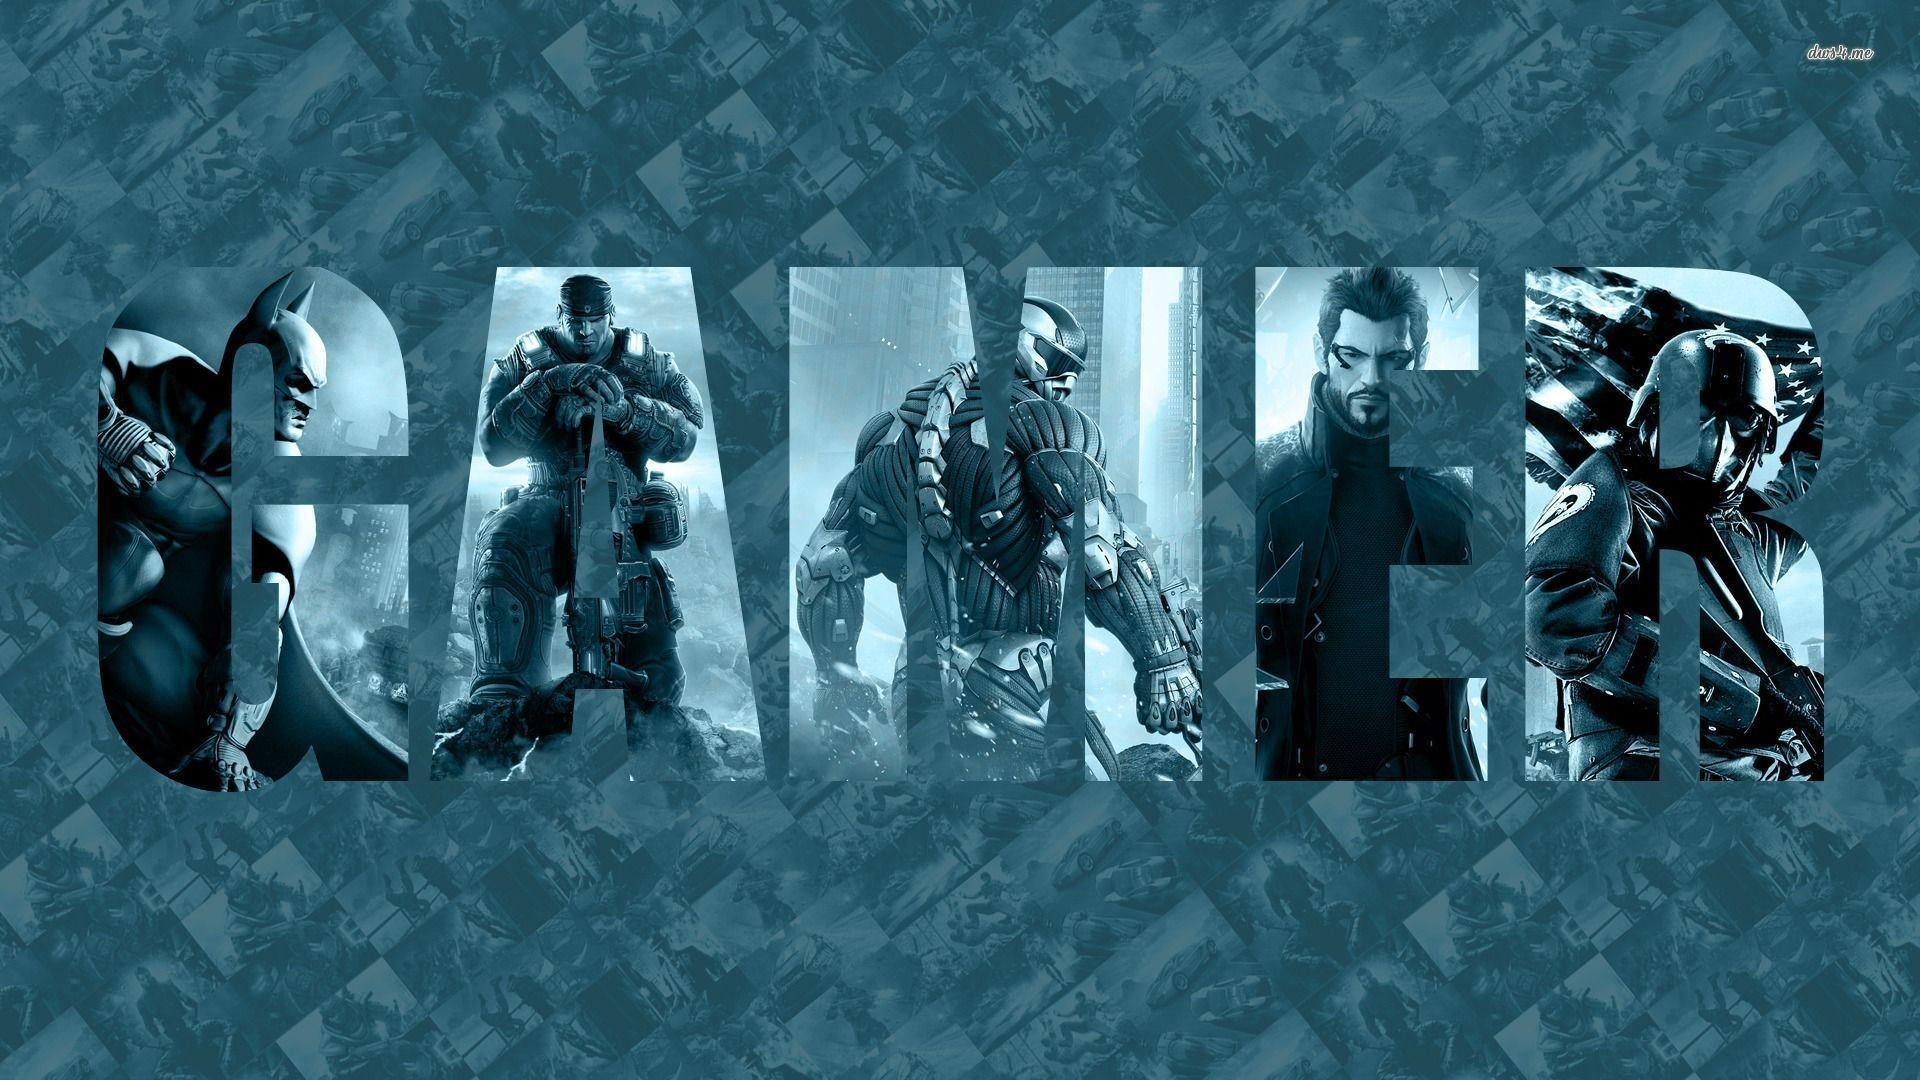 Gaming Wallpaper Wide Images | Petaimg.com